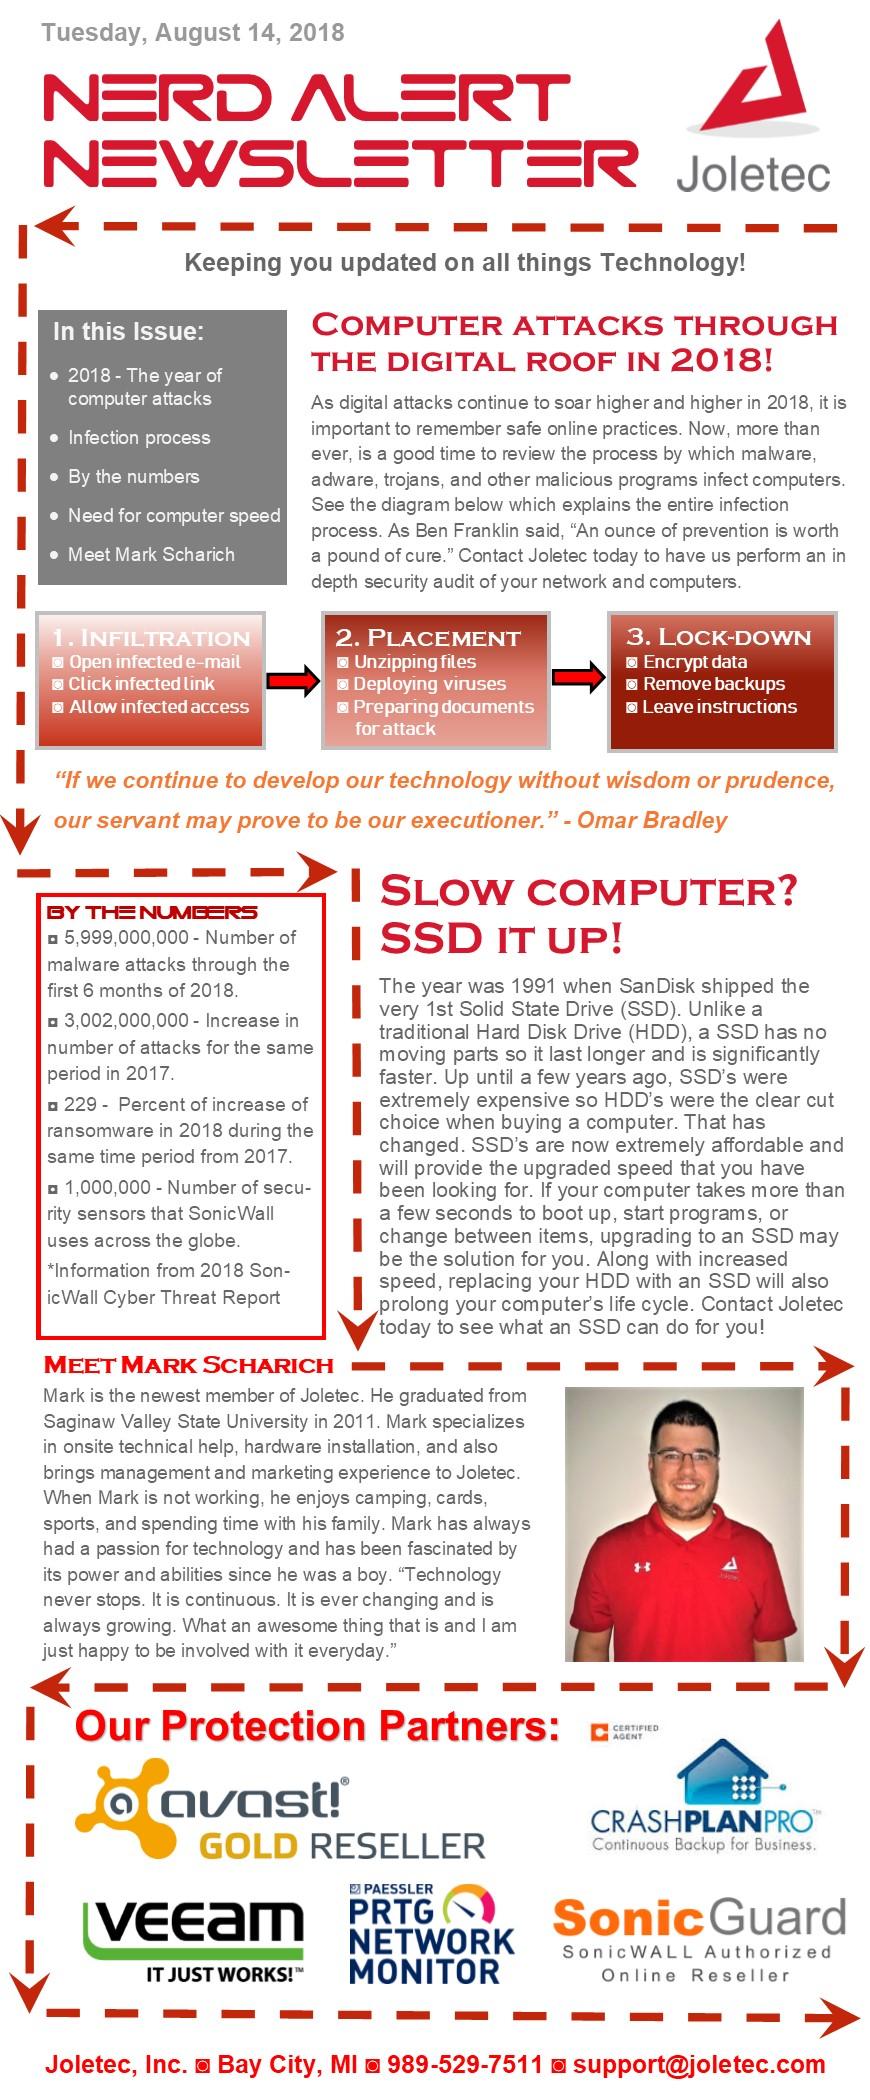 Nerd Alert Newsletter 8-14-18